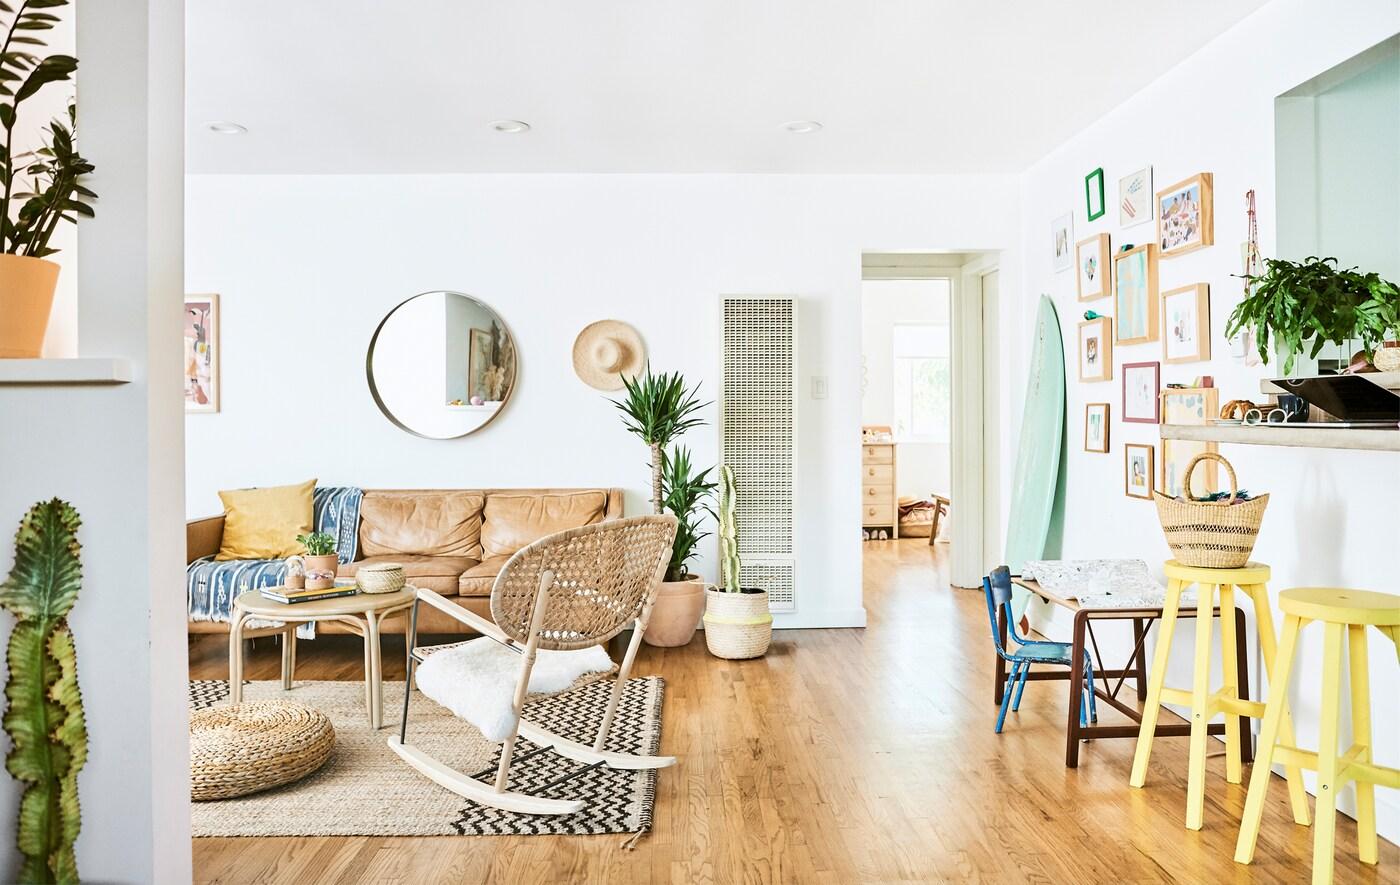 Гостиная с кожаным диваном, ротанговым креслом-качалкой, гессенским ковром, деревянным полом и двумя желтыми табуретками вдоль стойки.